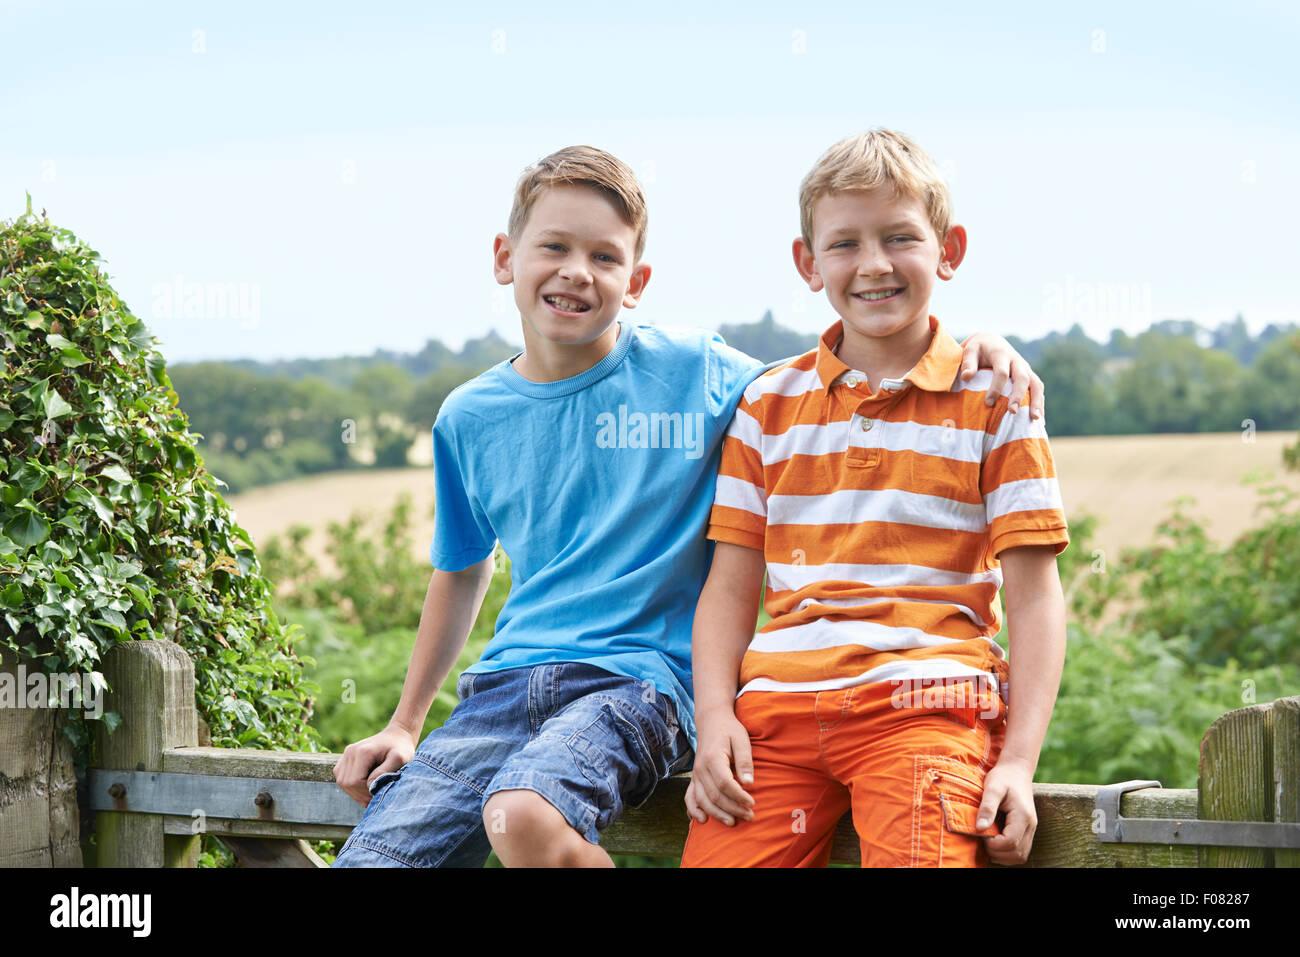 Porträt von zwei jungen Zusammensitzen auf Tor Stockbild